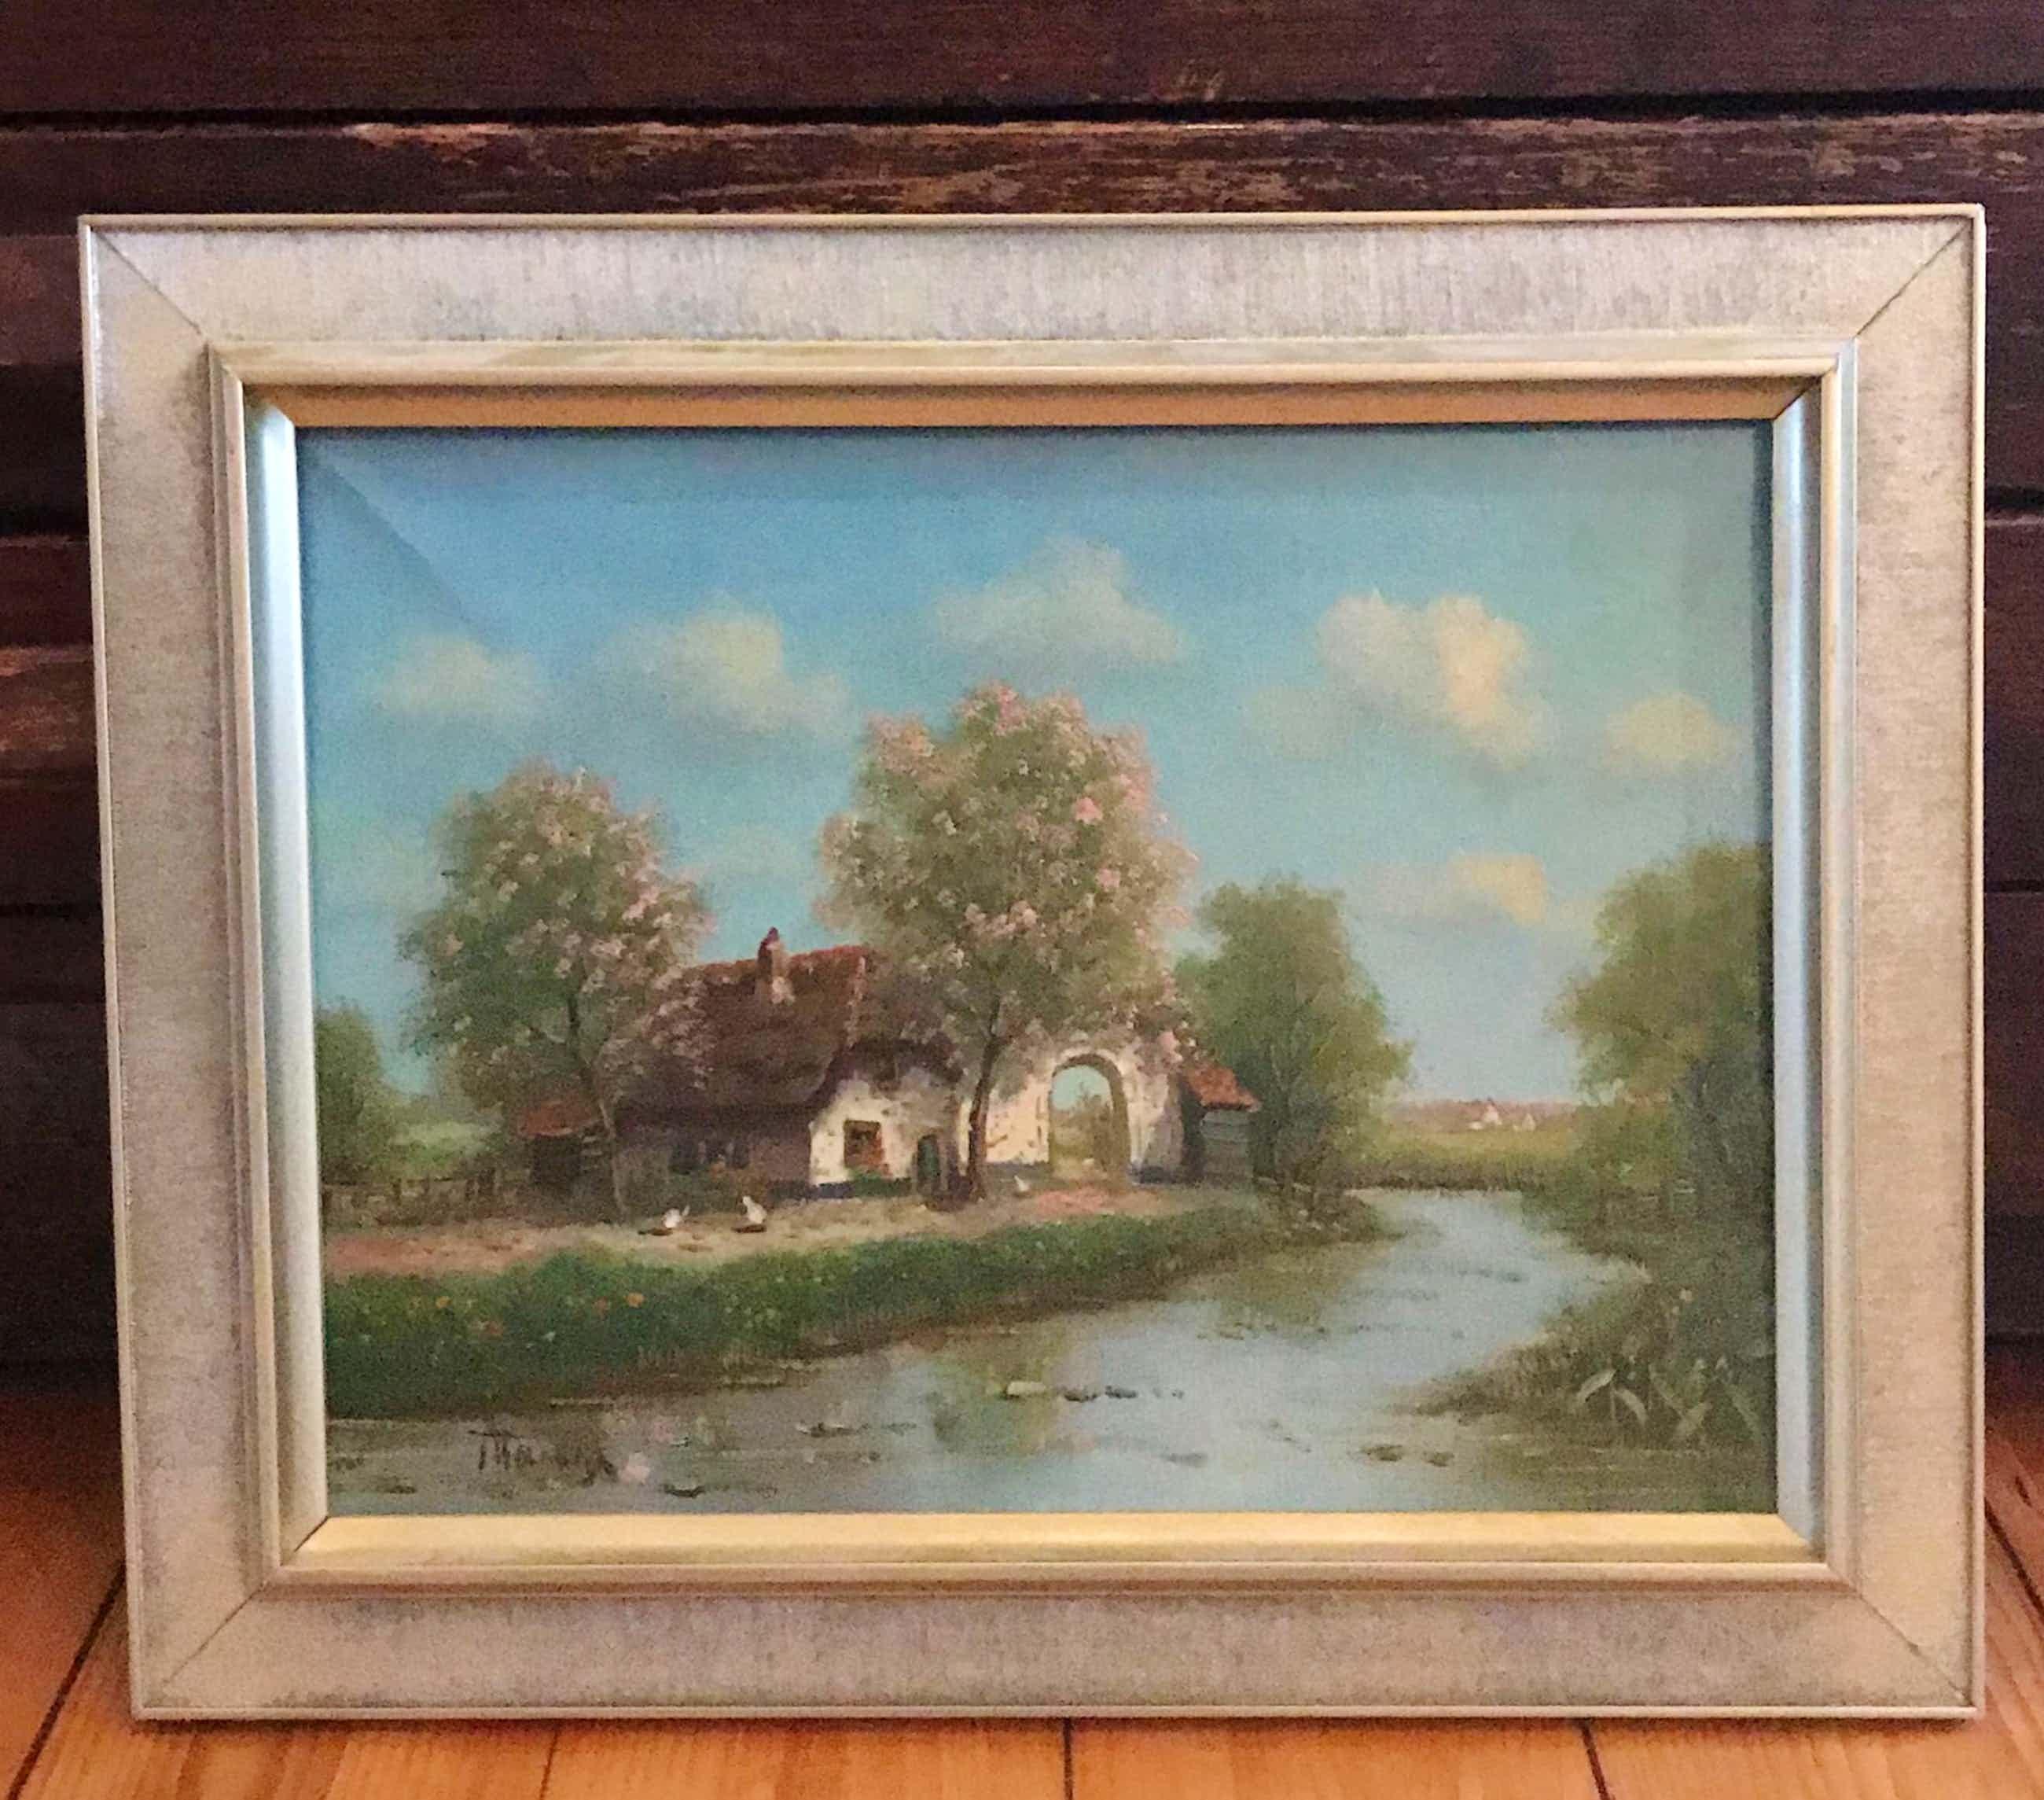 Albert Torringa - Olieverf op doek, Landschap met huisje langs water (ingelijst) kopen? Bied vanaf 45!